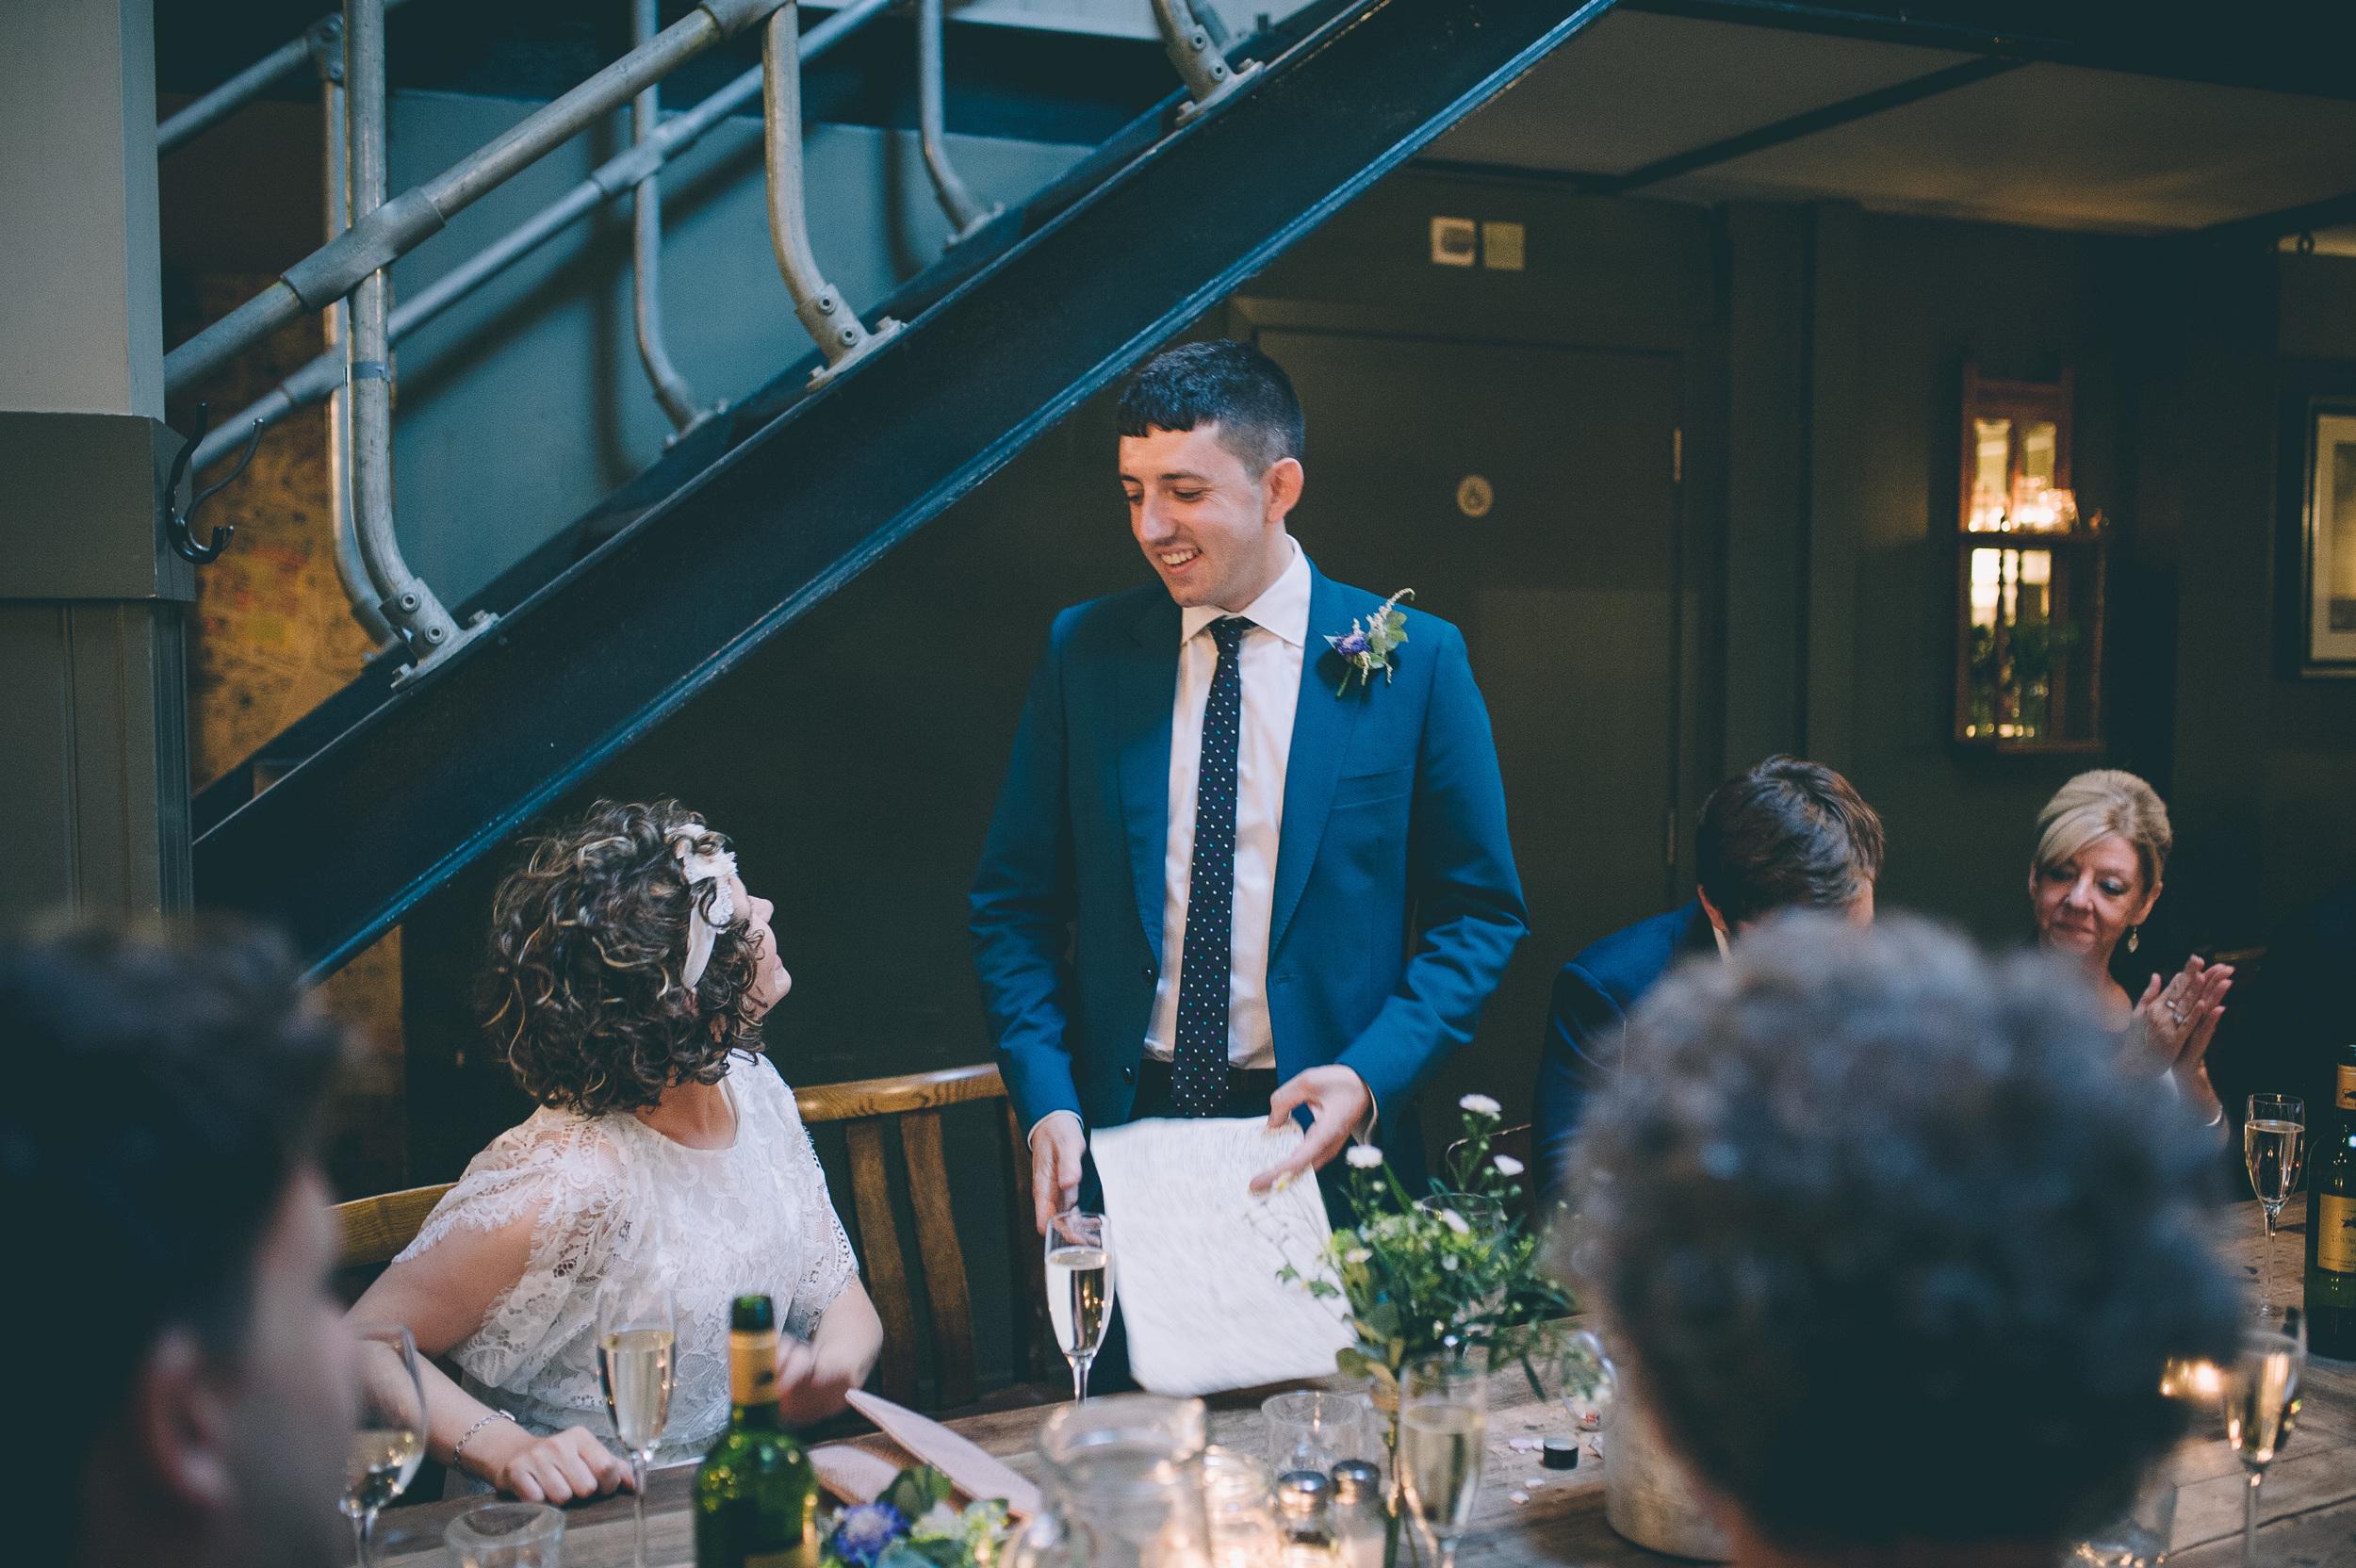 The Artisan of Clerkenwell wedding speeches